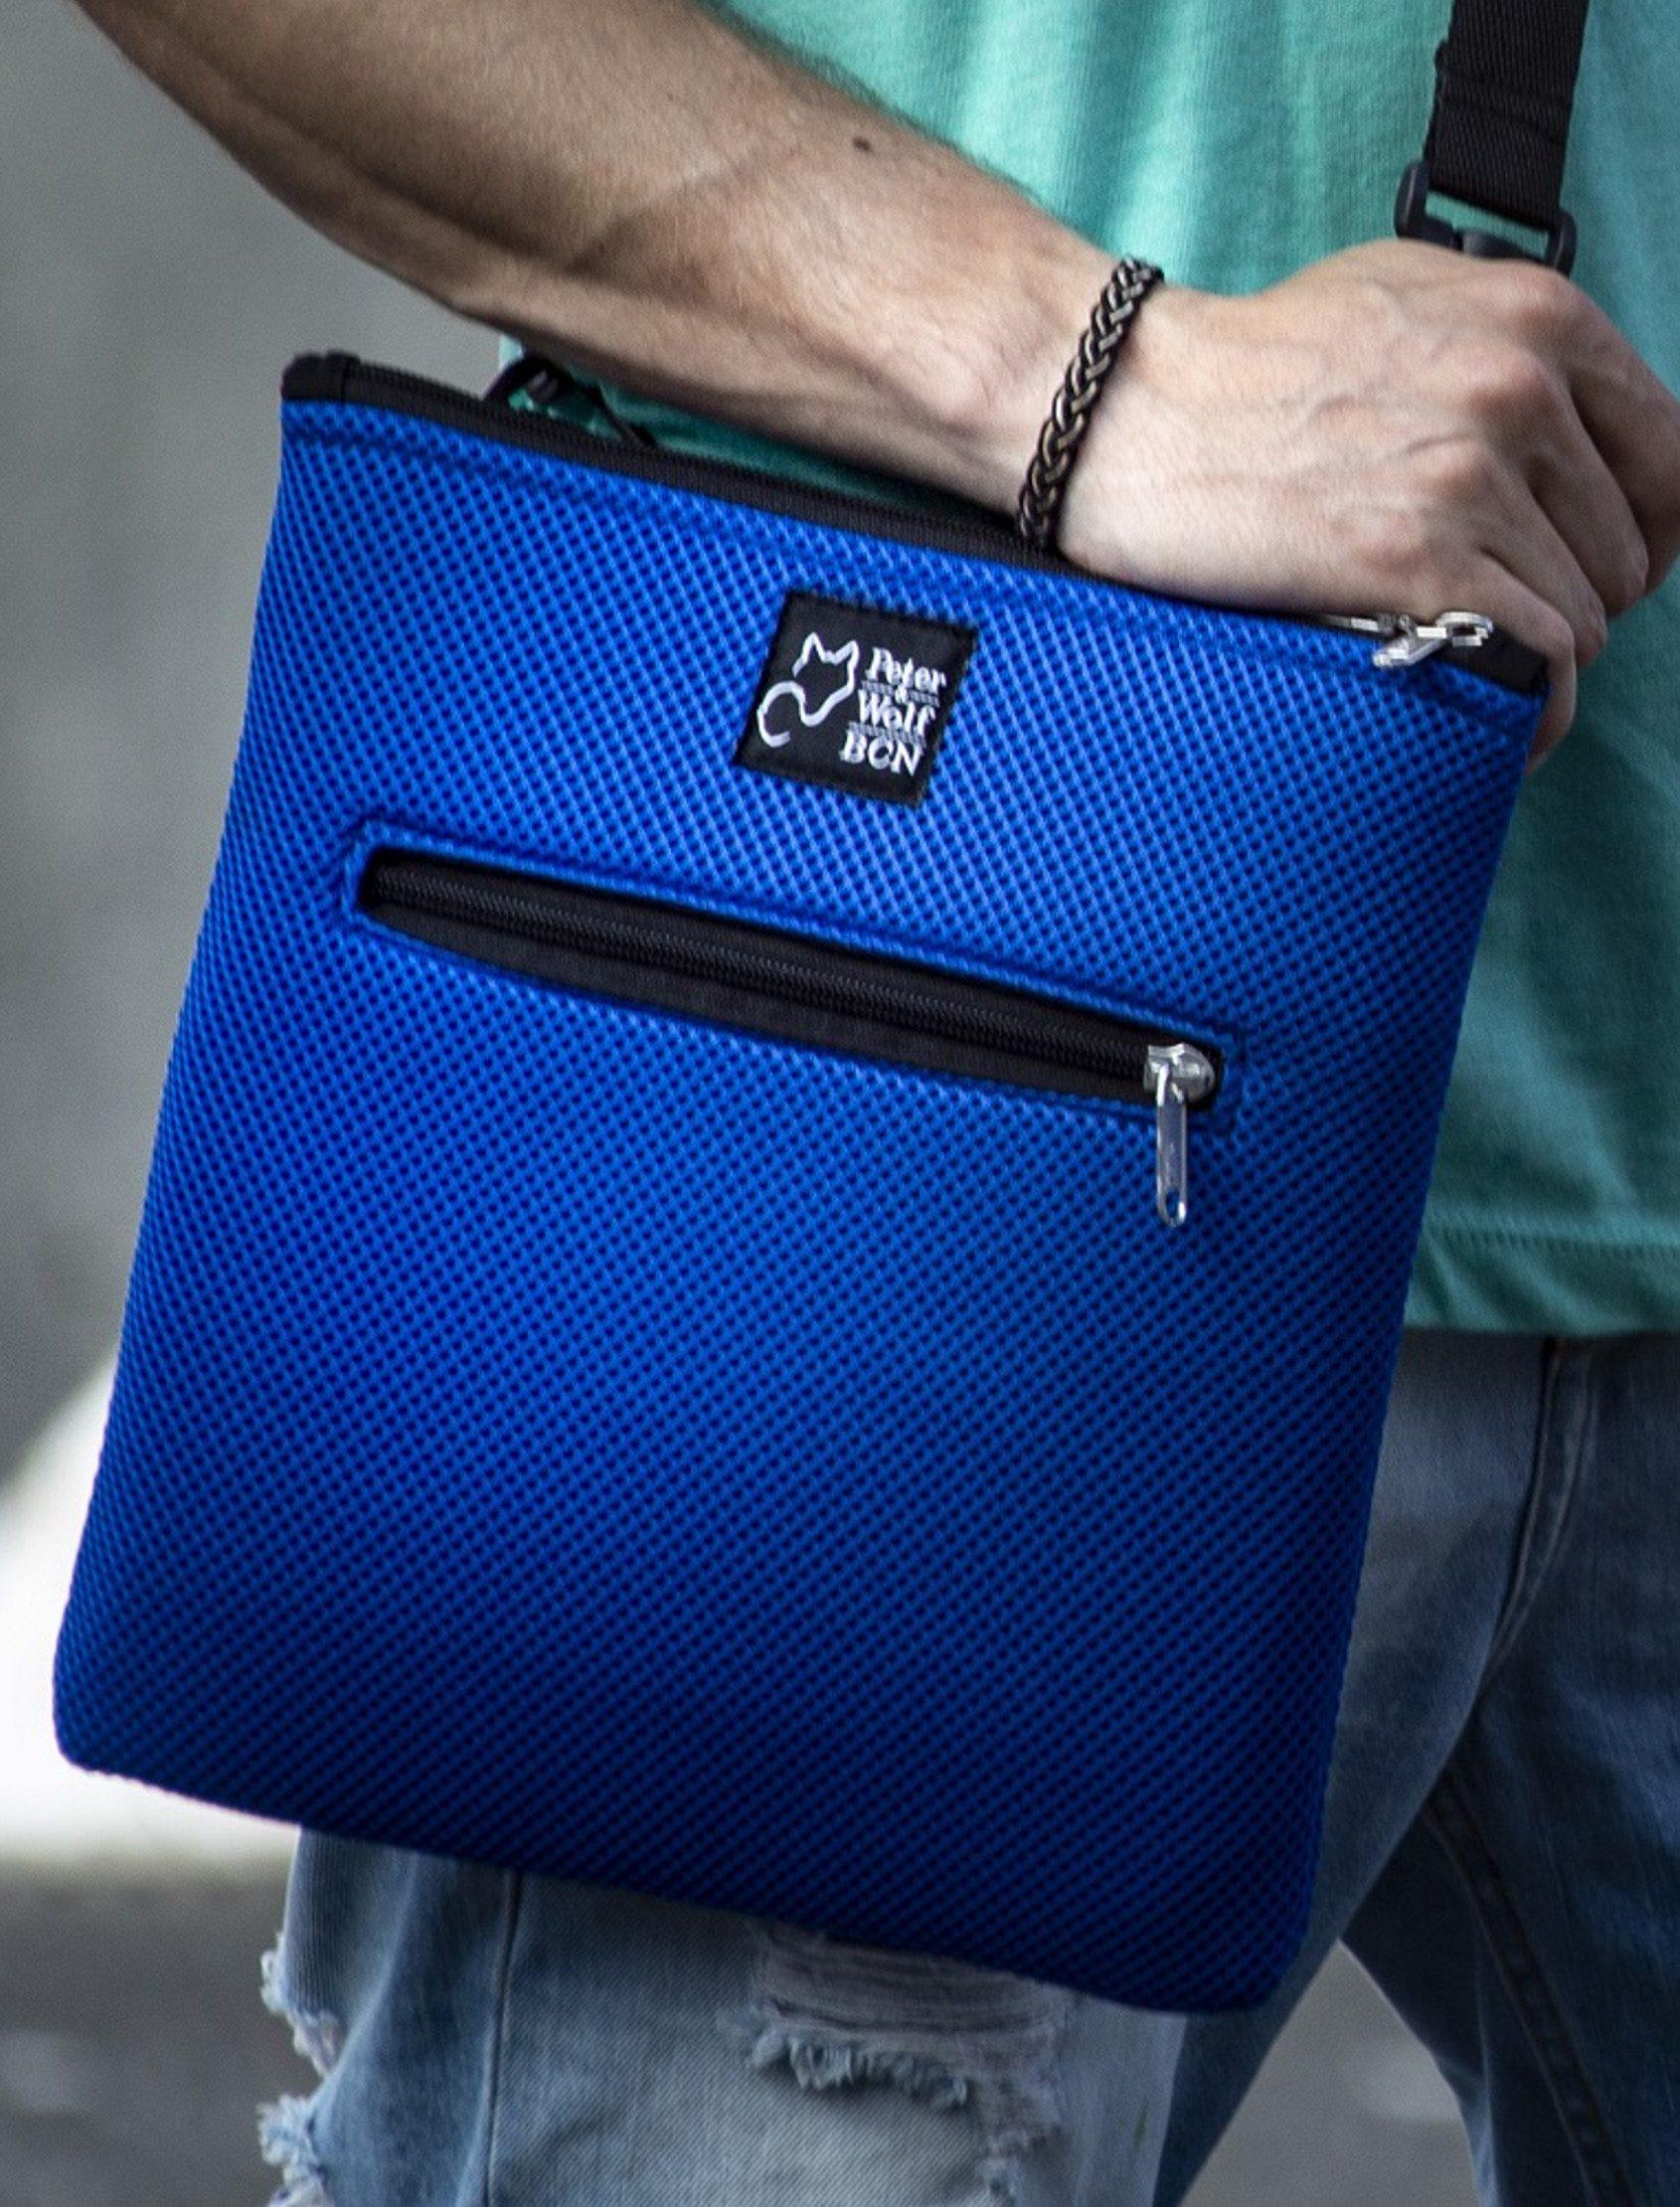 Bandolera en tejido técnico 3D con bolsillos interiores y exterior con cremallera confeccionada a mano. Exterior color azul klein. Interior color negro.